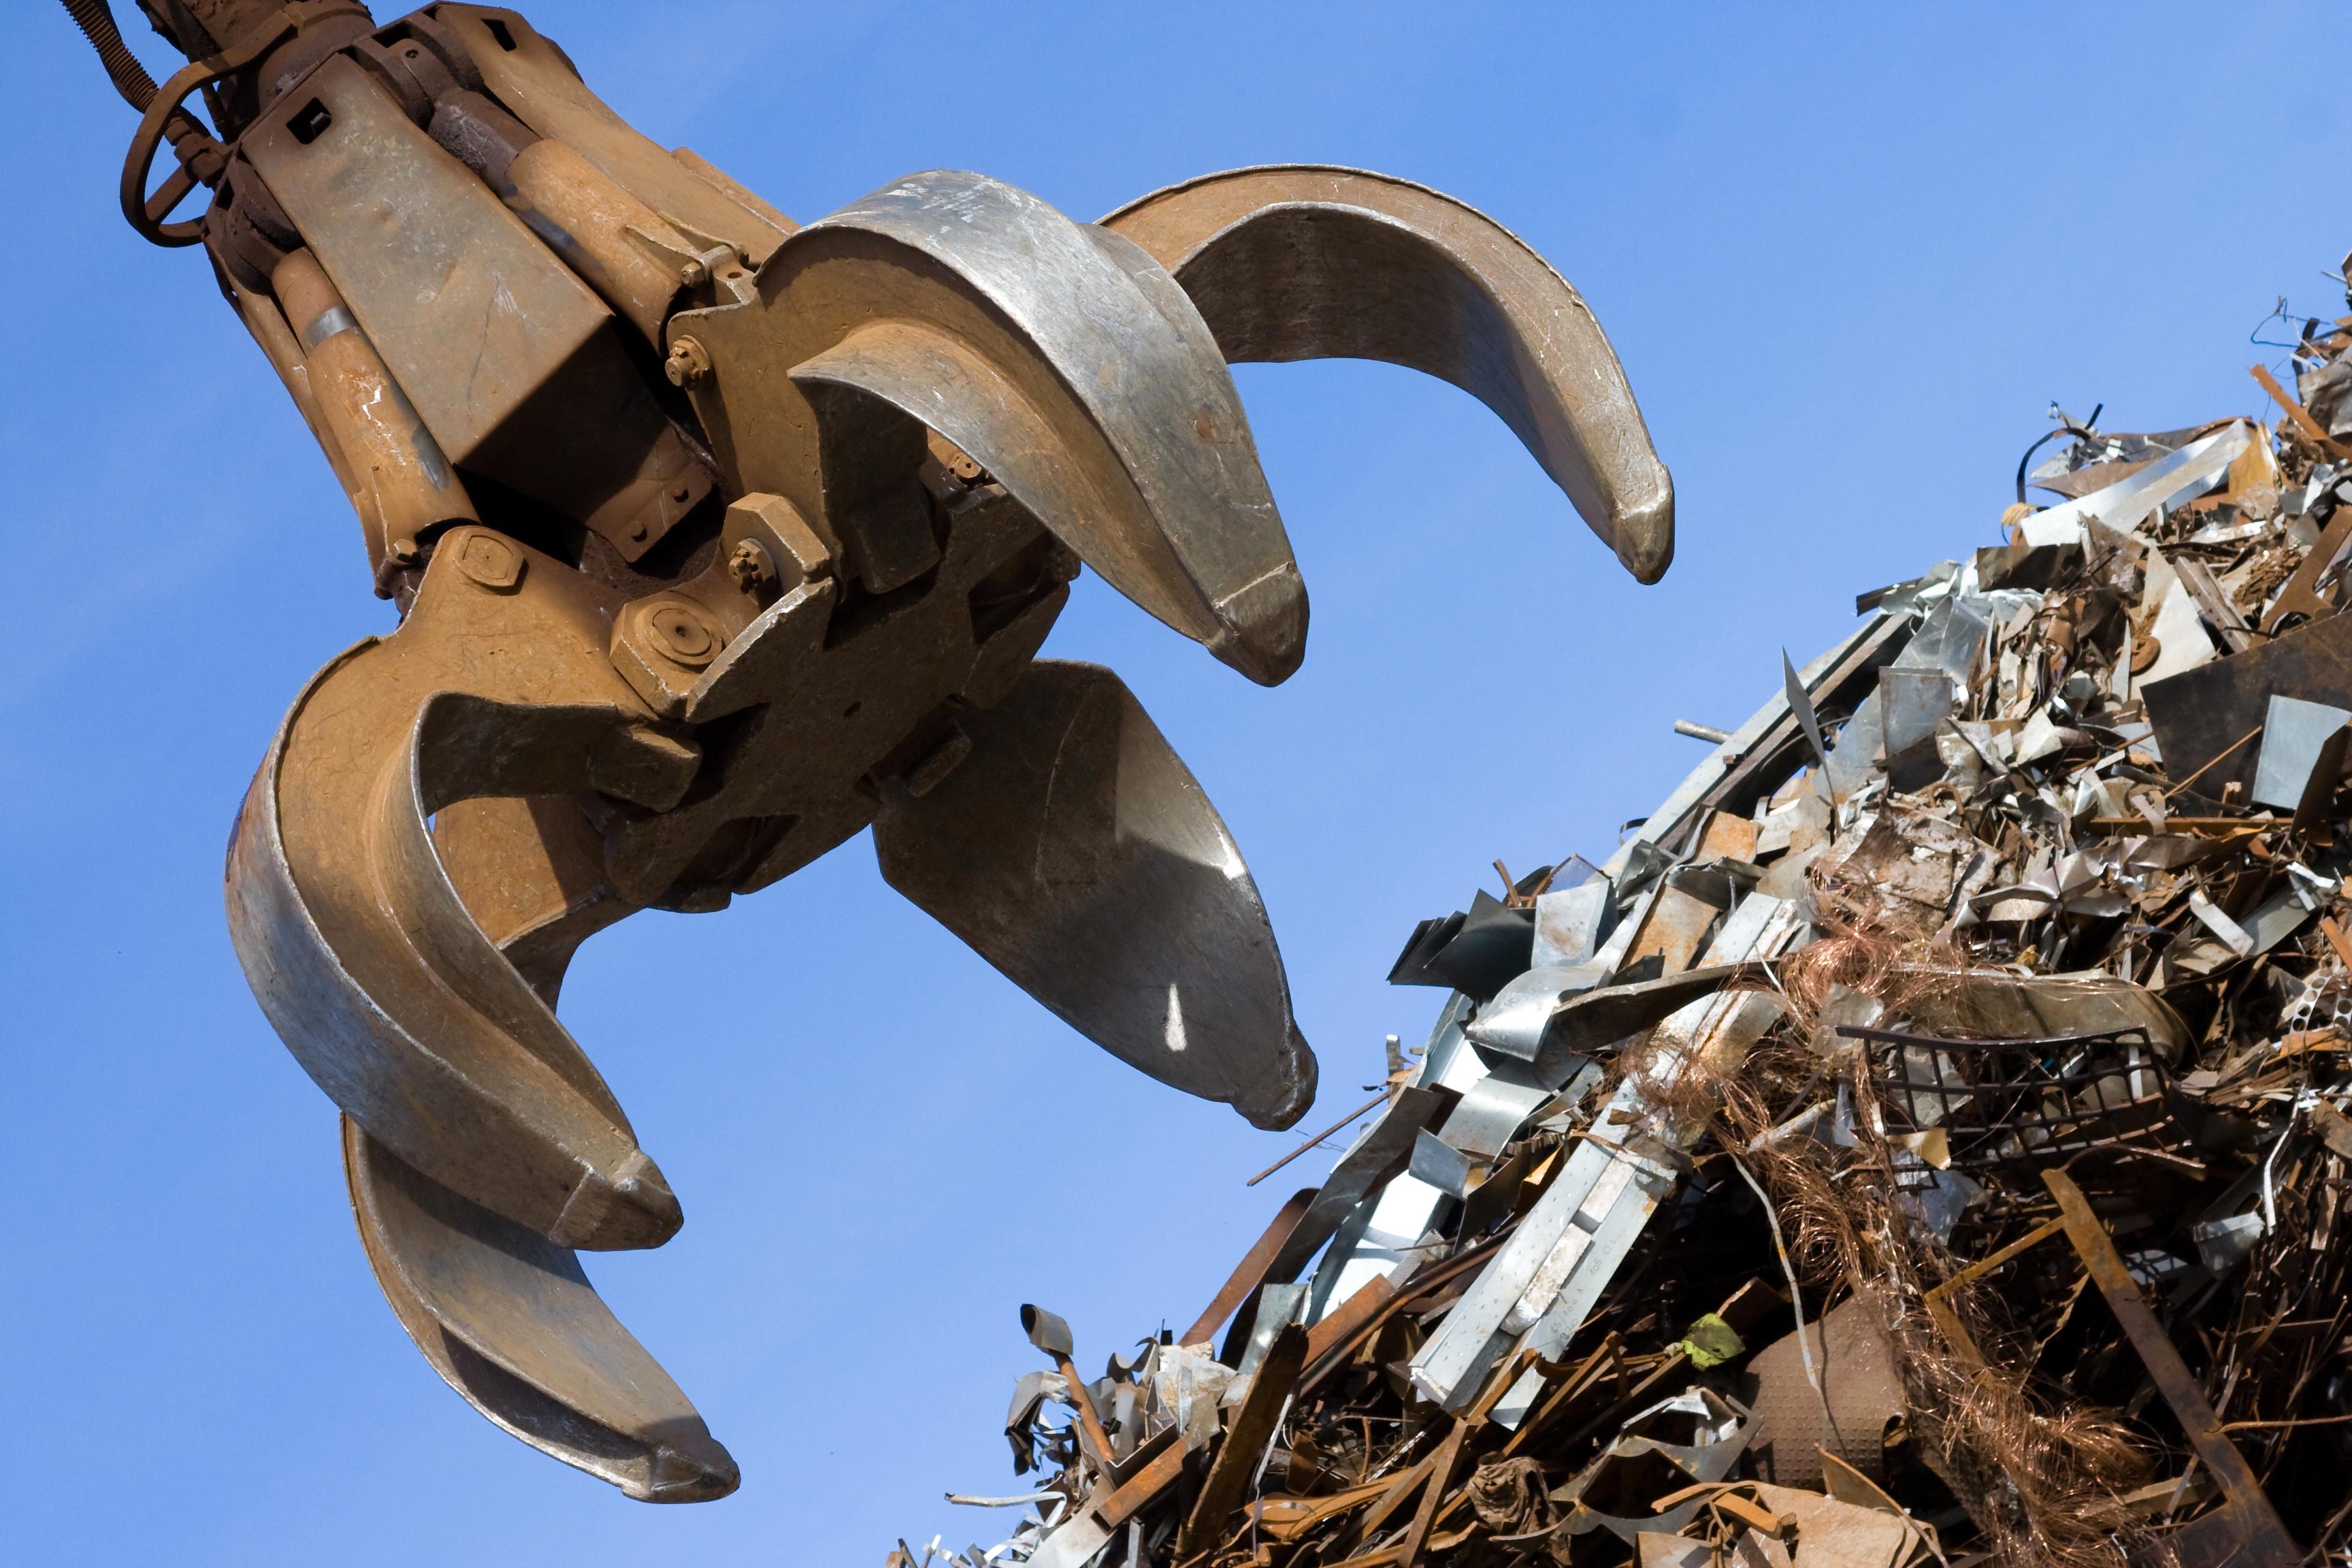 Så går det till att sälja metallskrot för återvinning och därför är det ett mer miljövänligt val | Biztrends